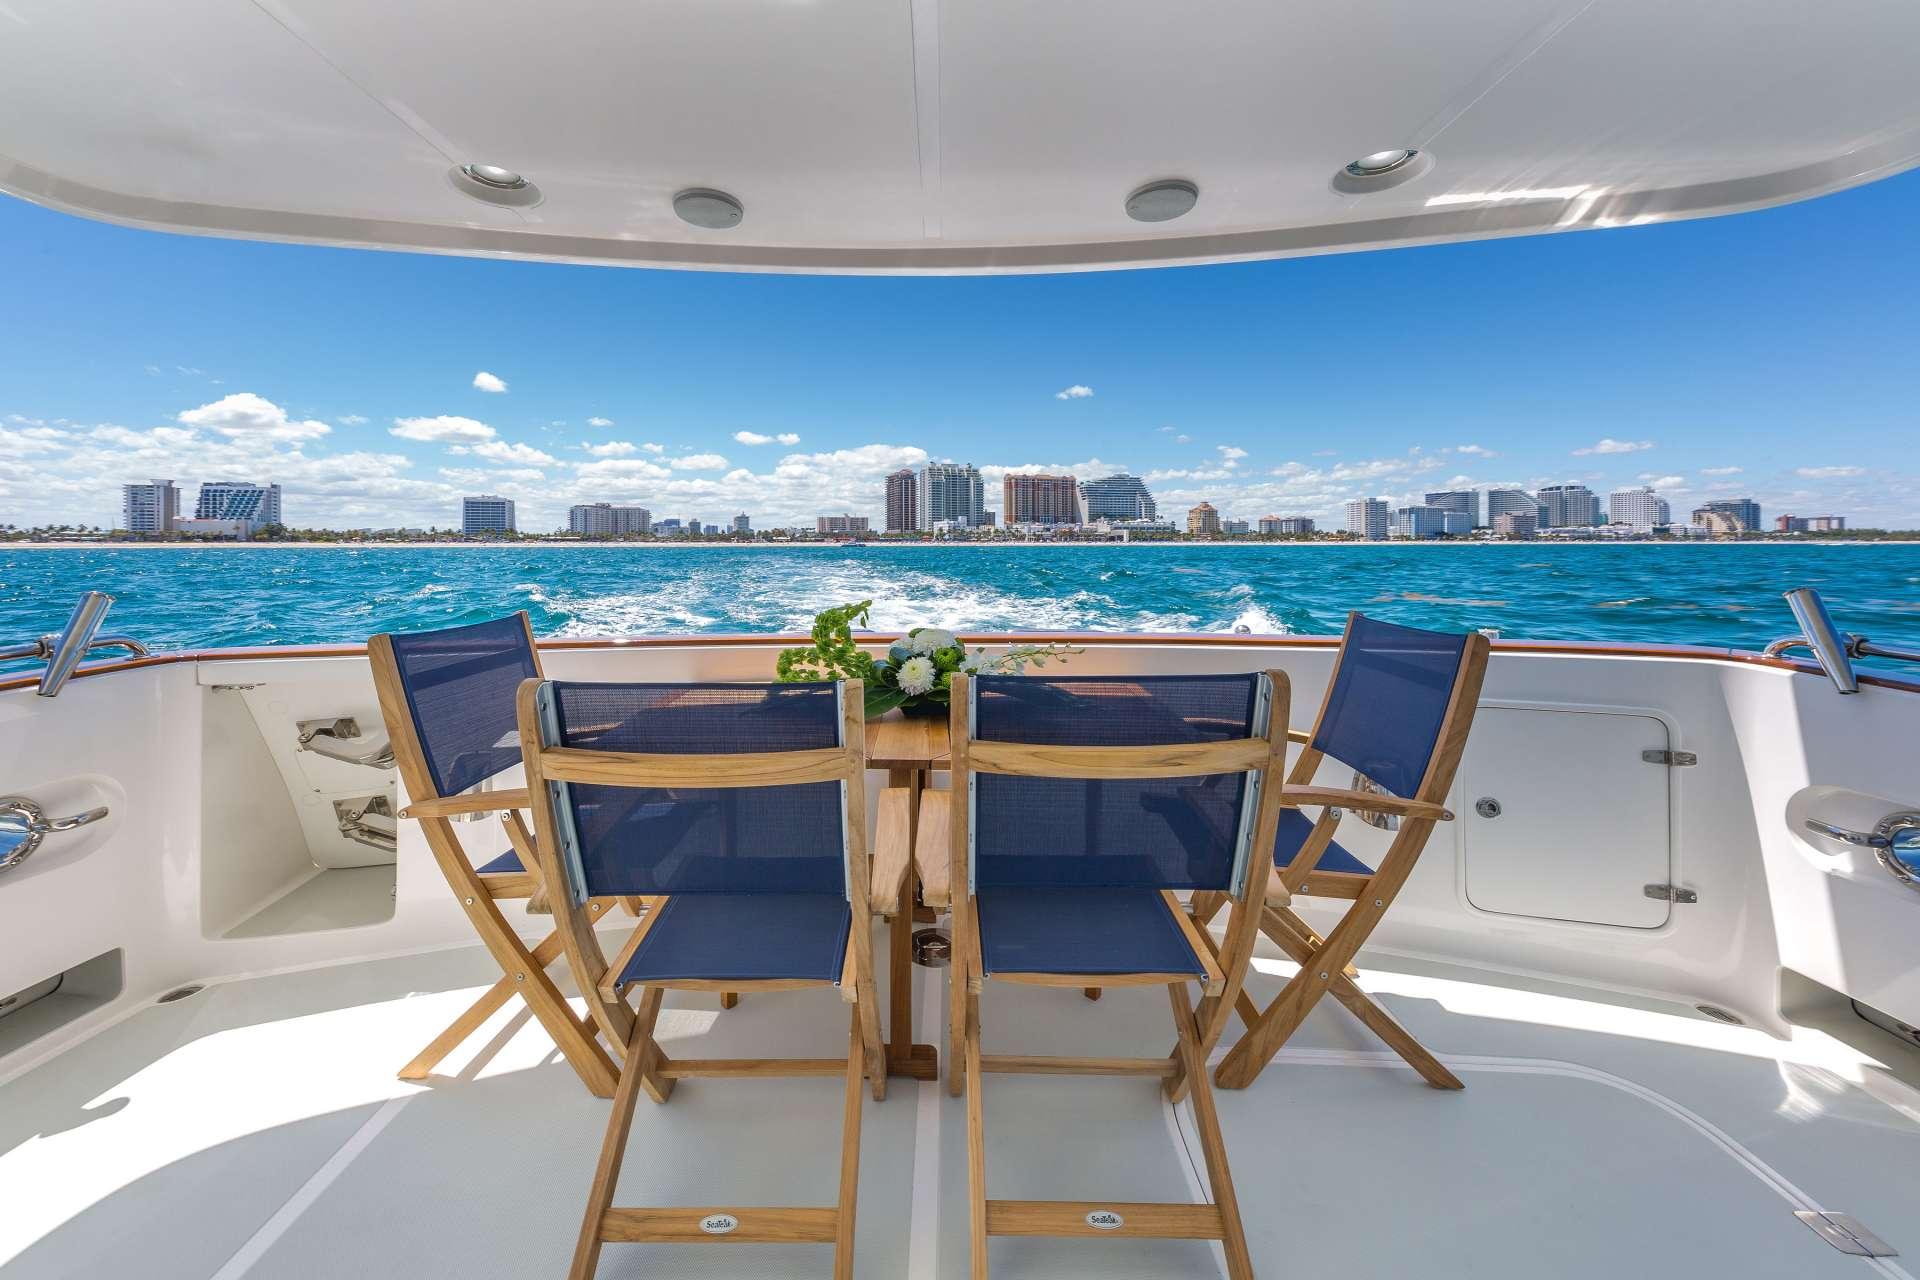 ASTURIAS yacht image # 3